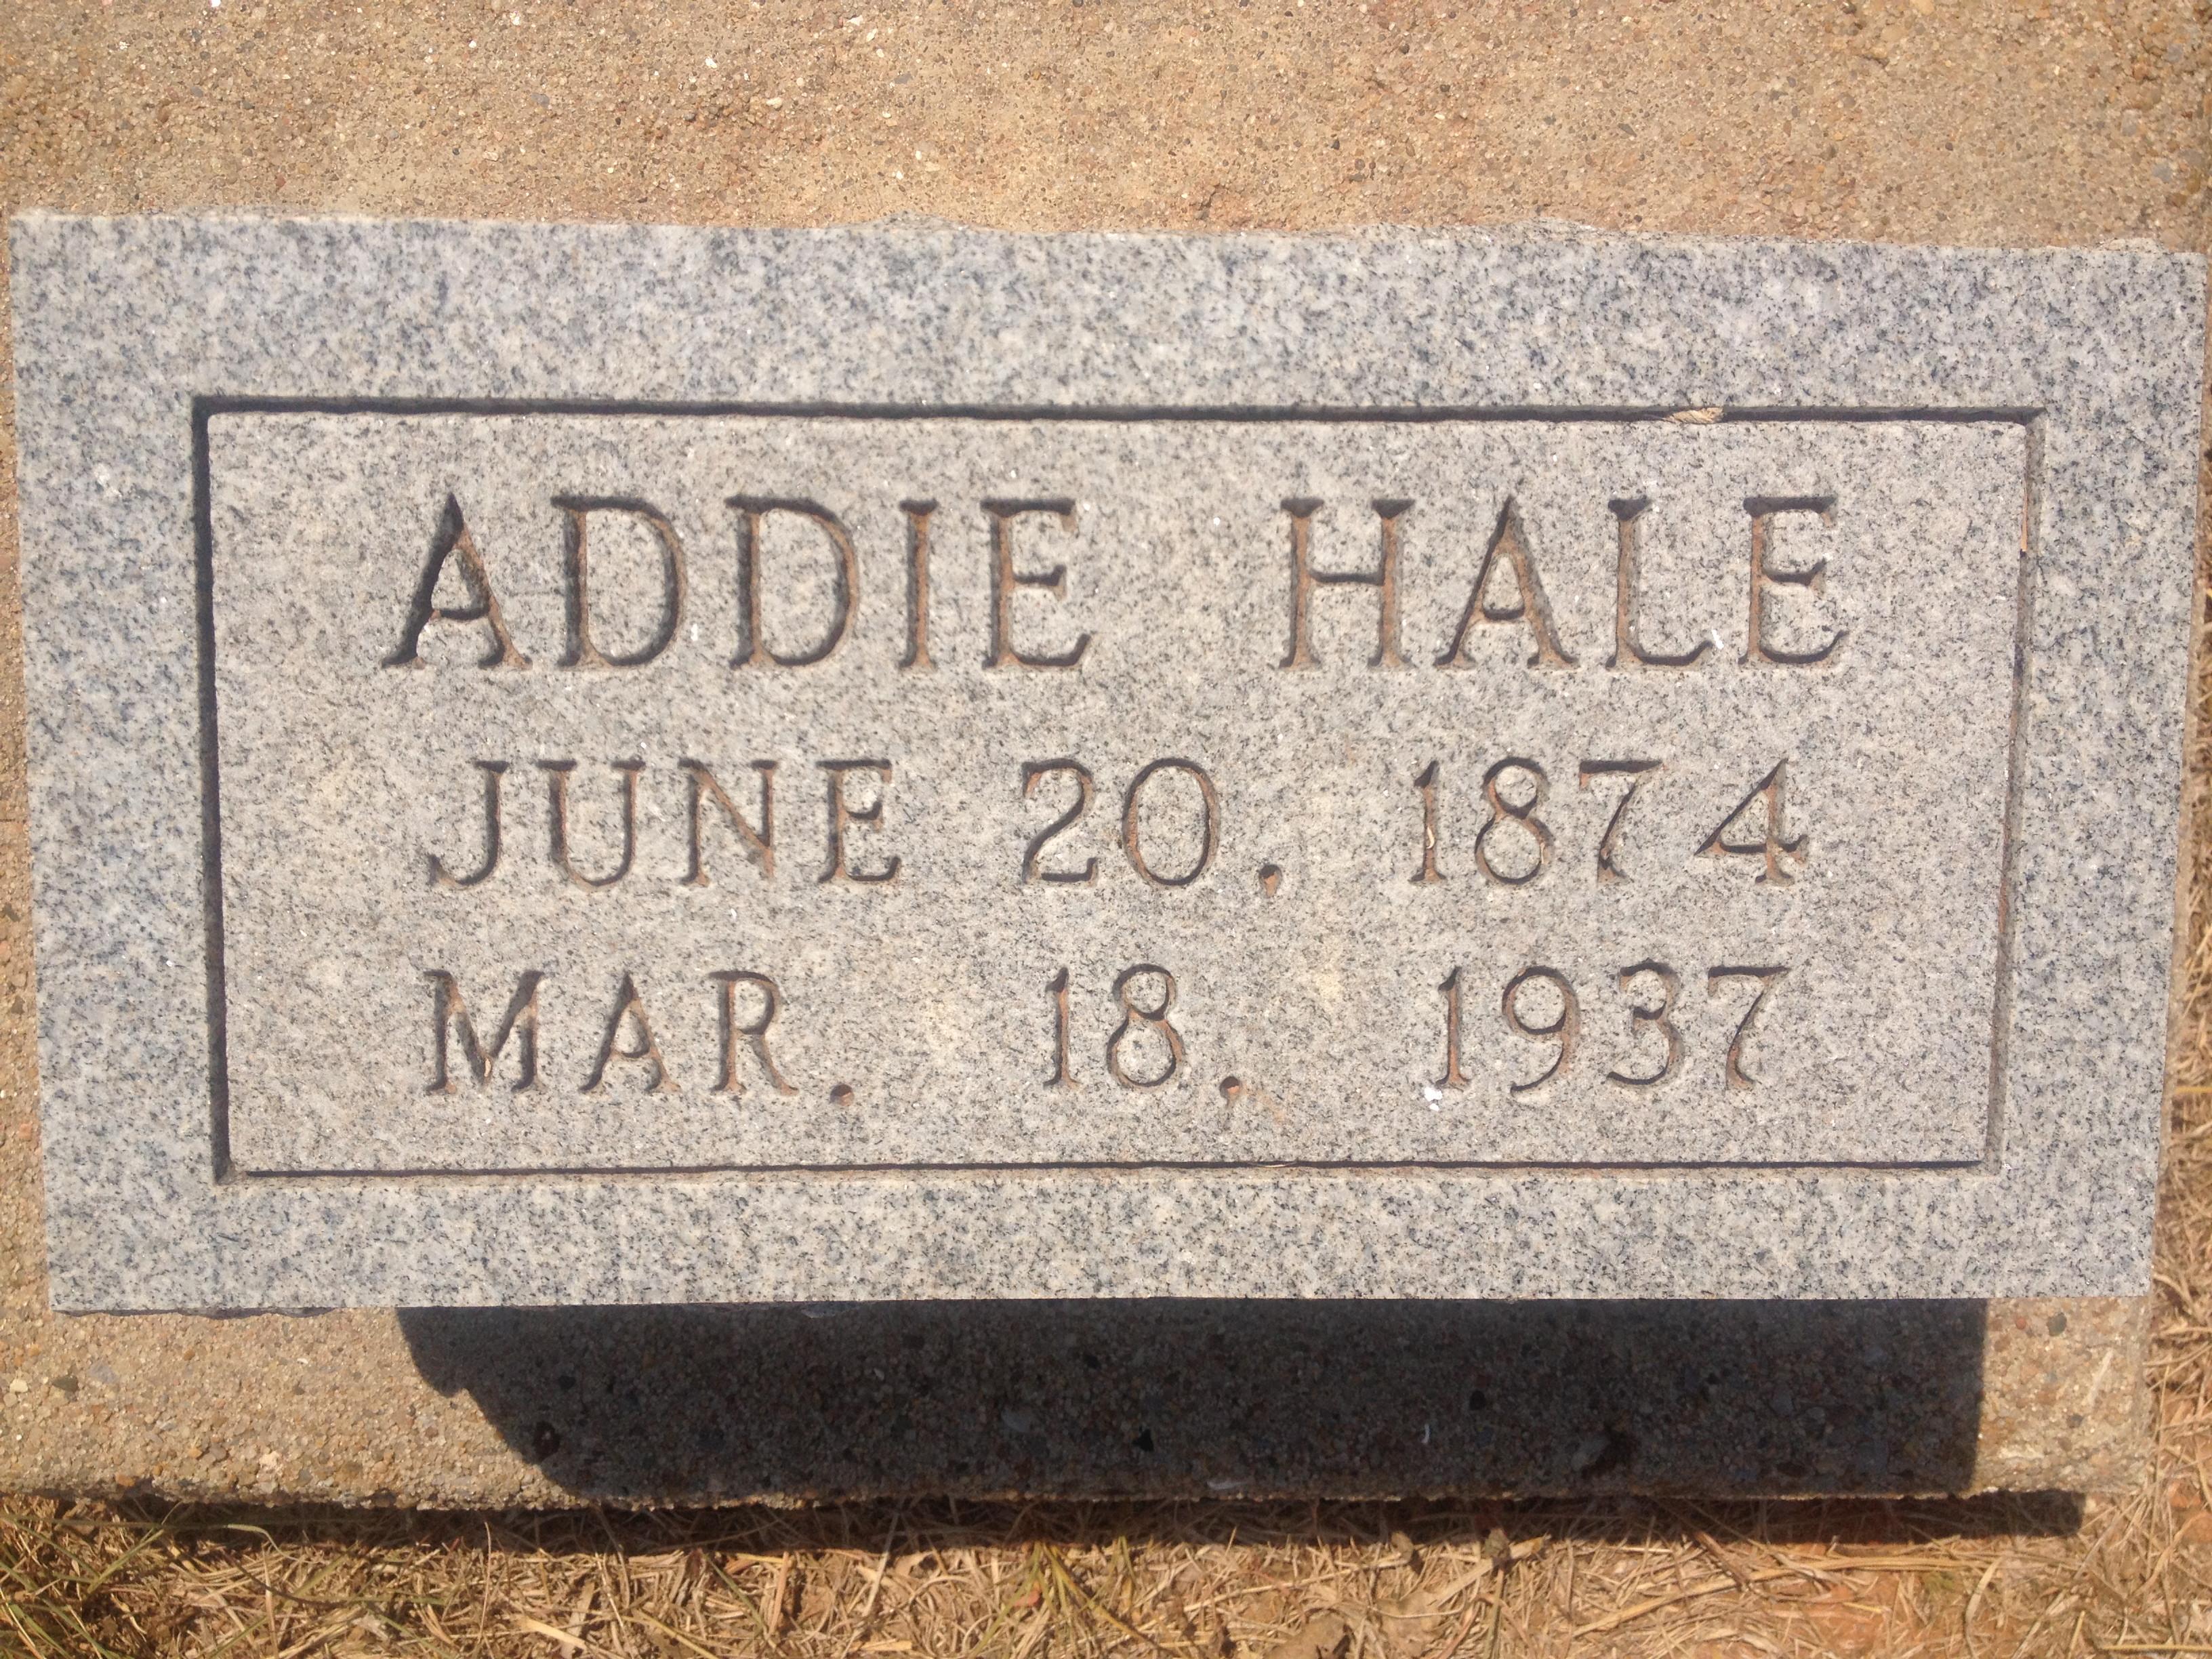 Addie Hale